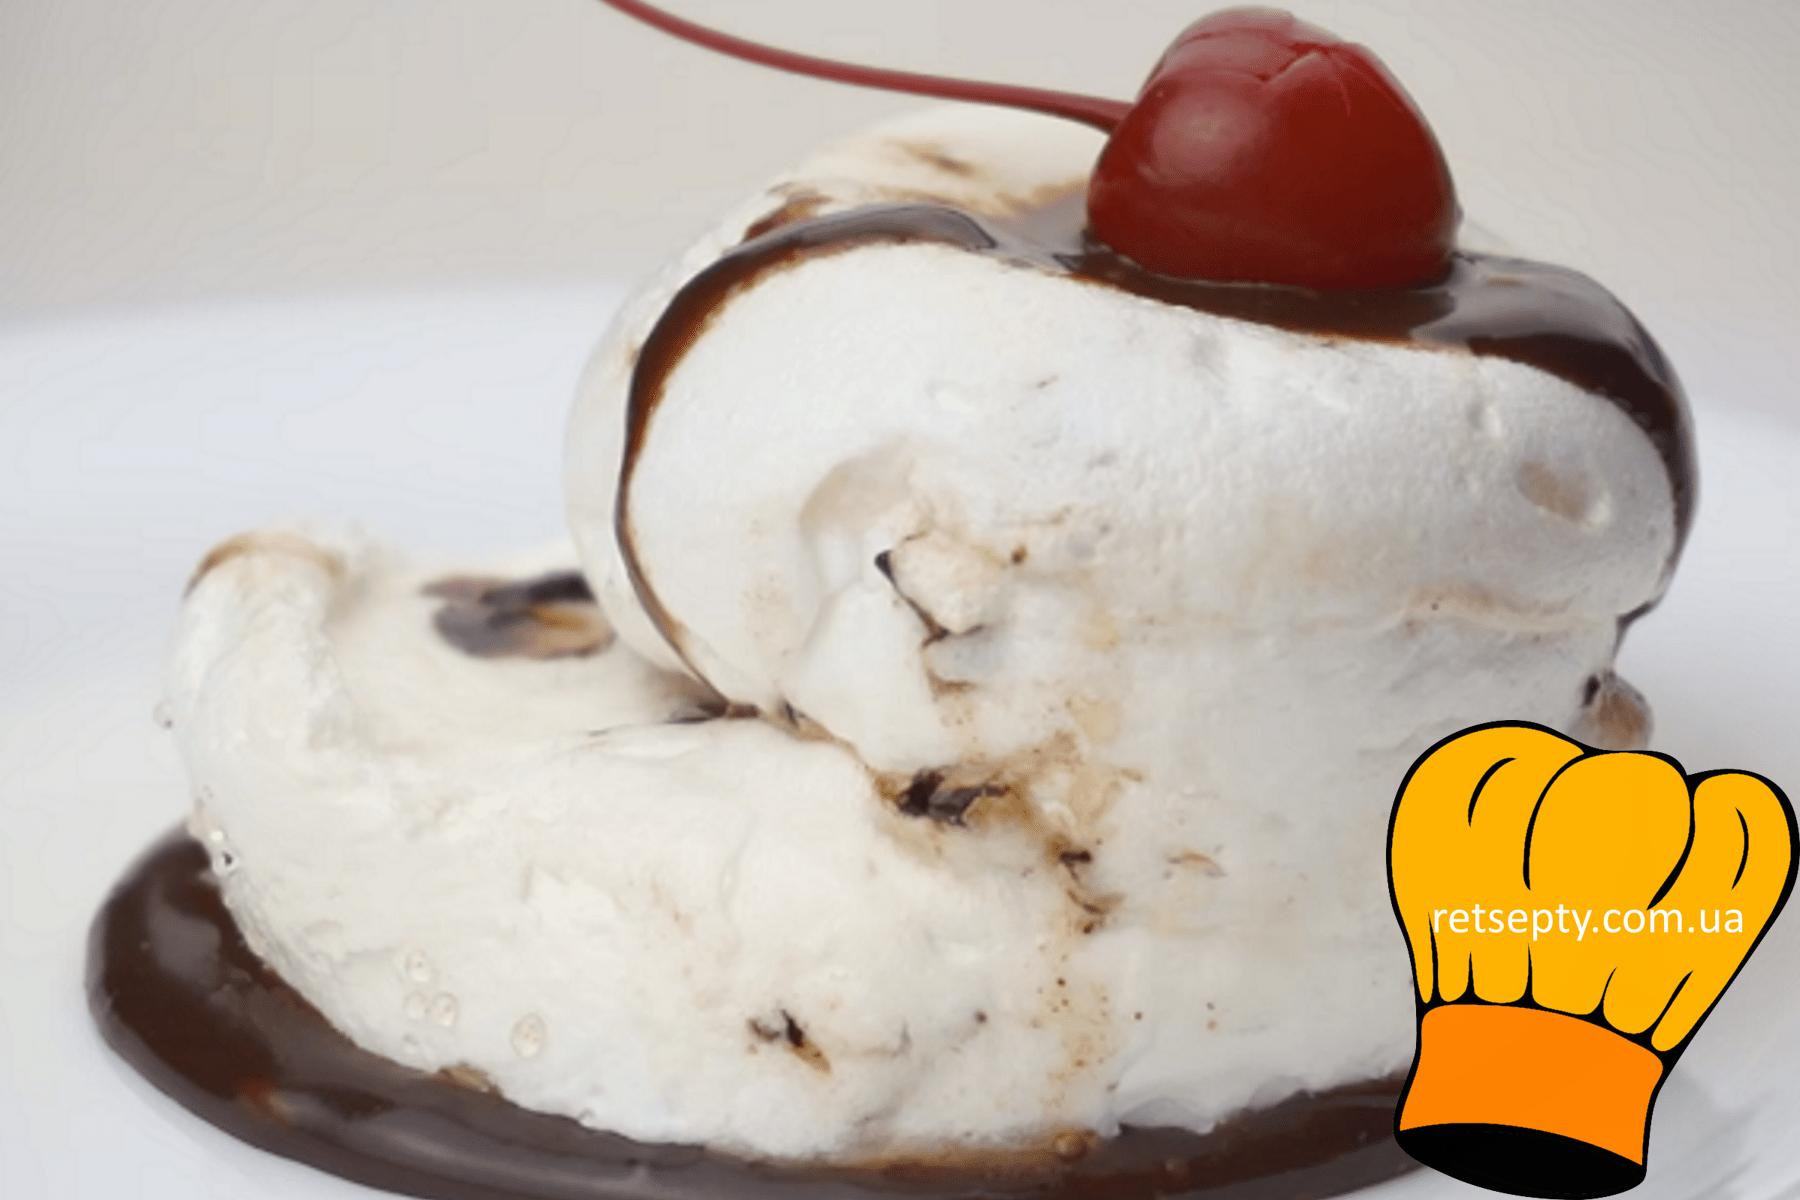 Дуже смачний десерт за 30 секунд